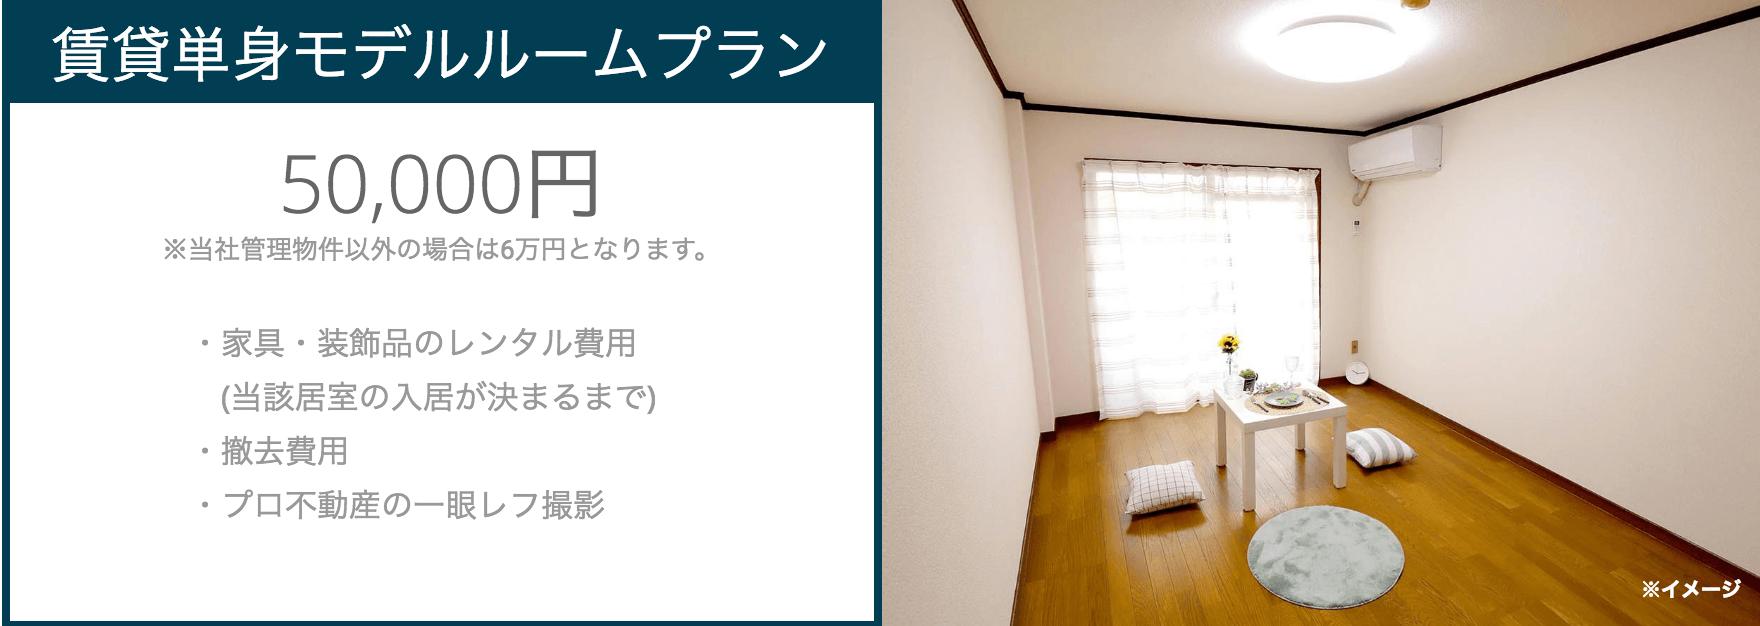 ホームステイジング :単身モデルプラン